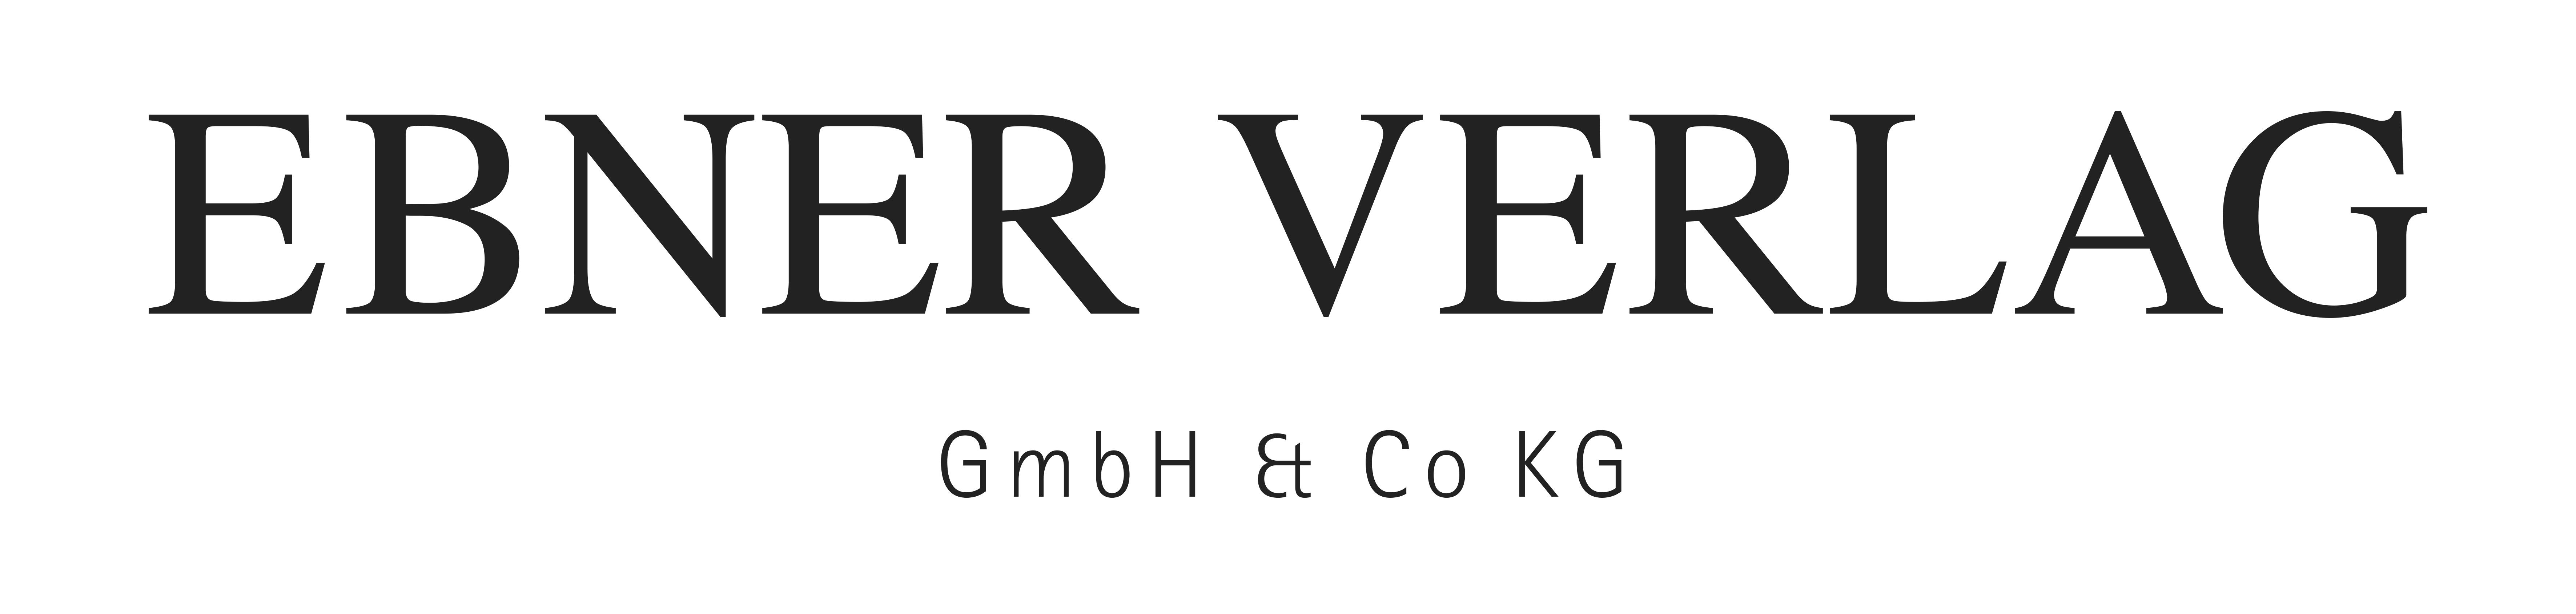 Ebner Verlag Aussteller CMCX 2017